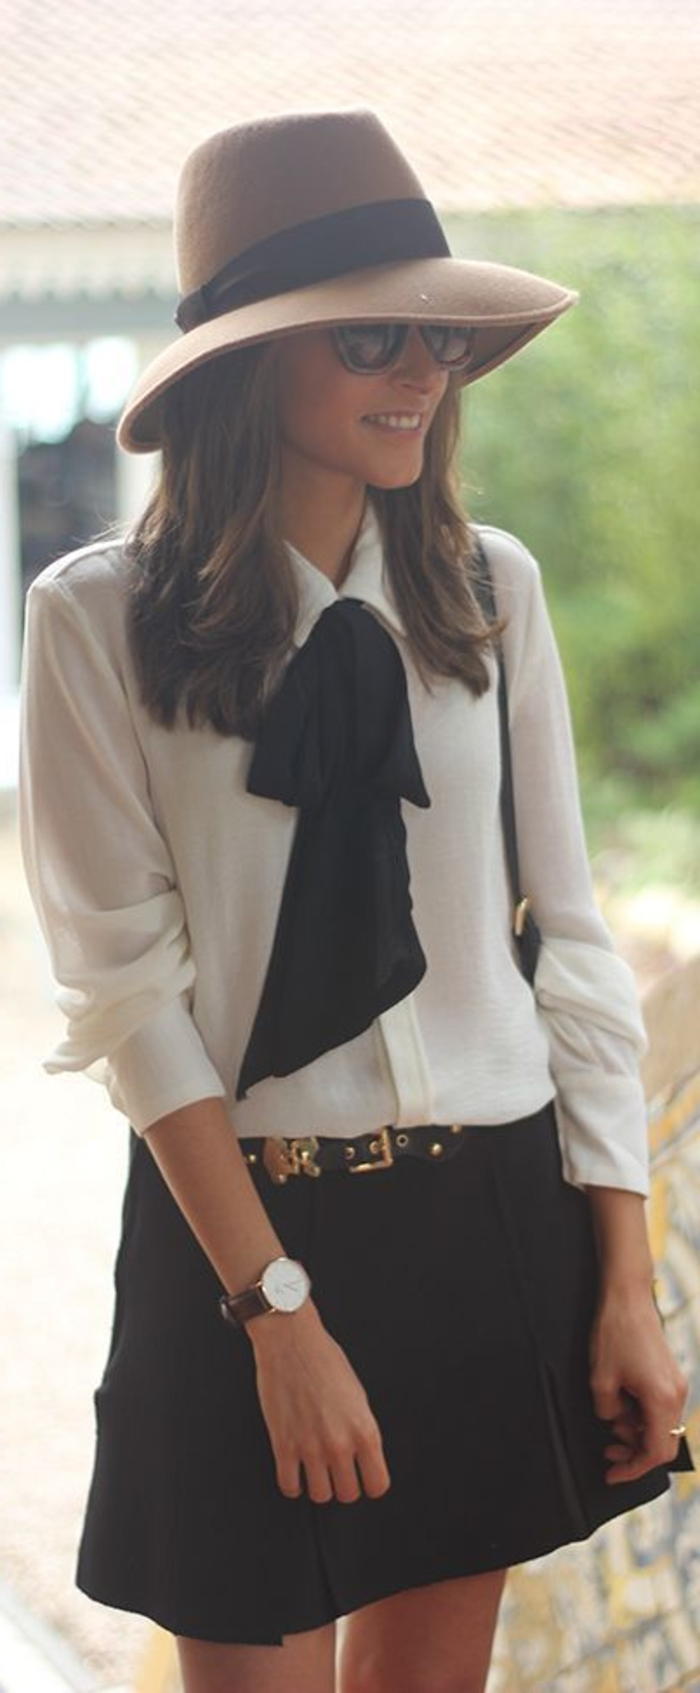 tenue-geek-chic-femme-montre-chemise-jupe-lunettes-de-soleil-chapeau-fedora